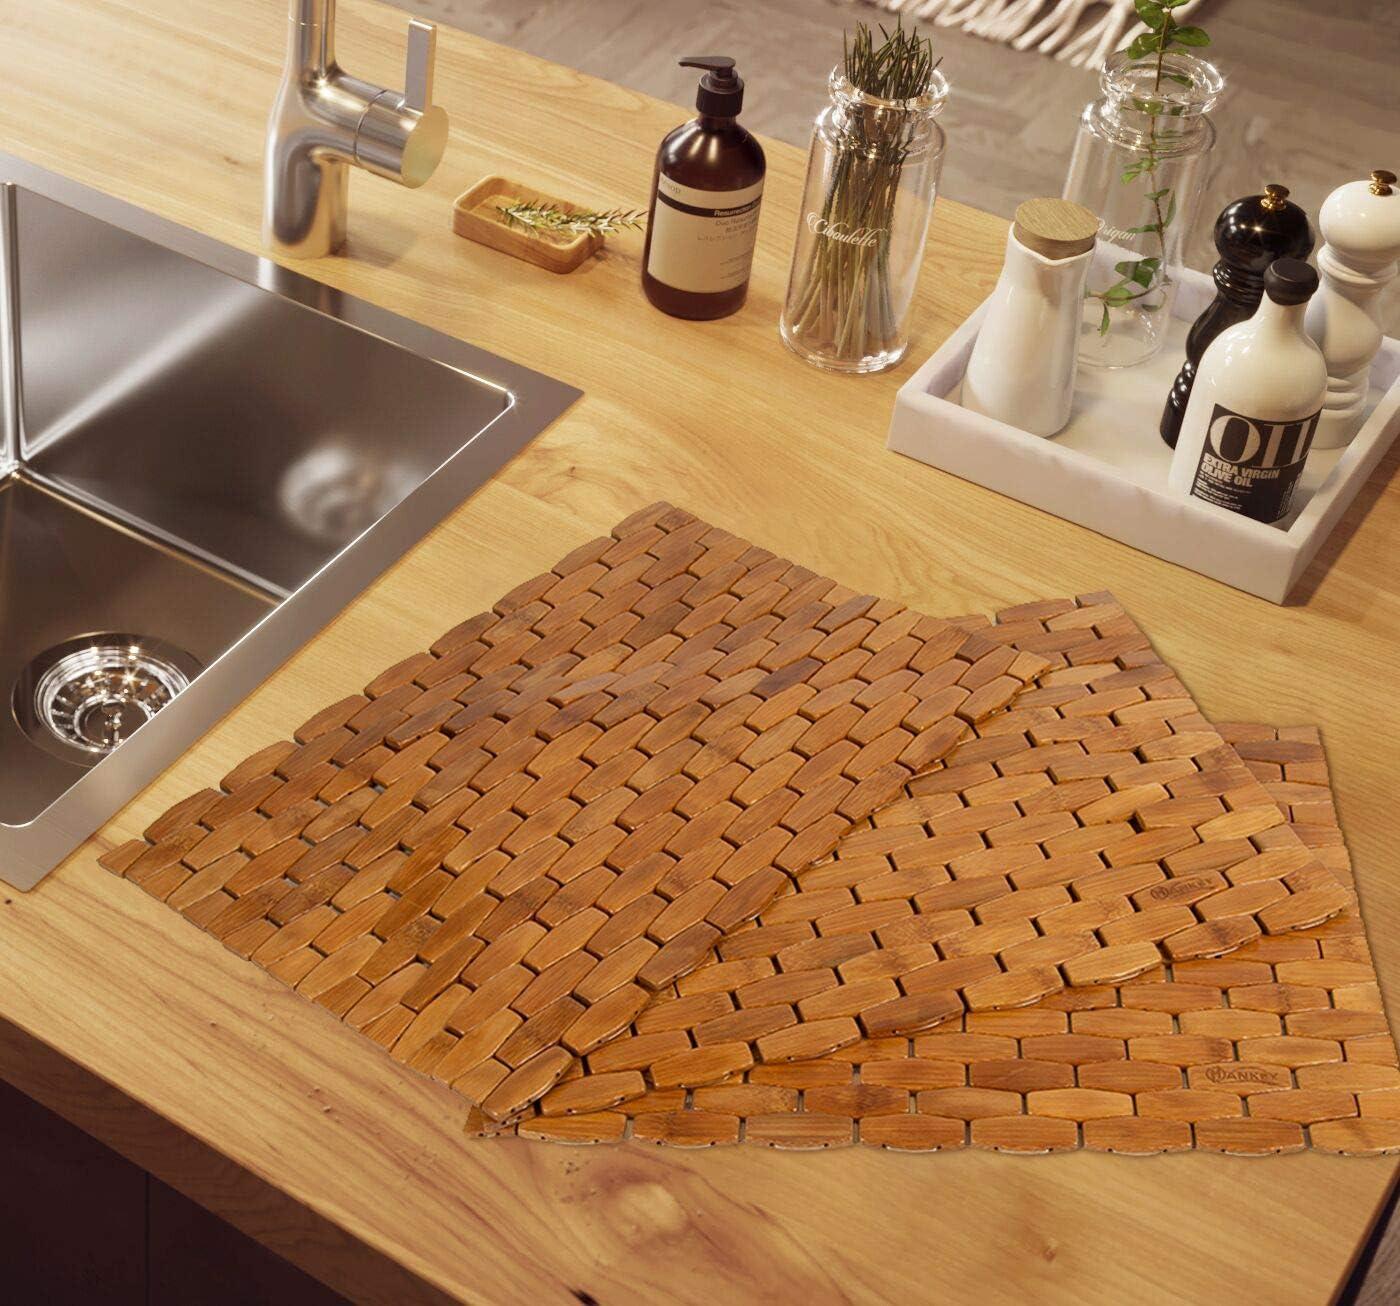 HANKEY Lot de 4 Sets de Table en Bambou pour Salle /à Manger Couleur Naturelle Isolation Thermique hexagonale d/écoration de Table